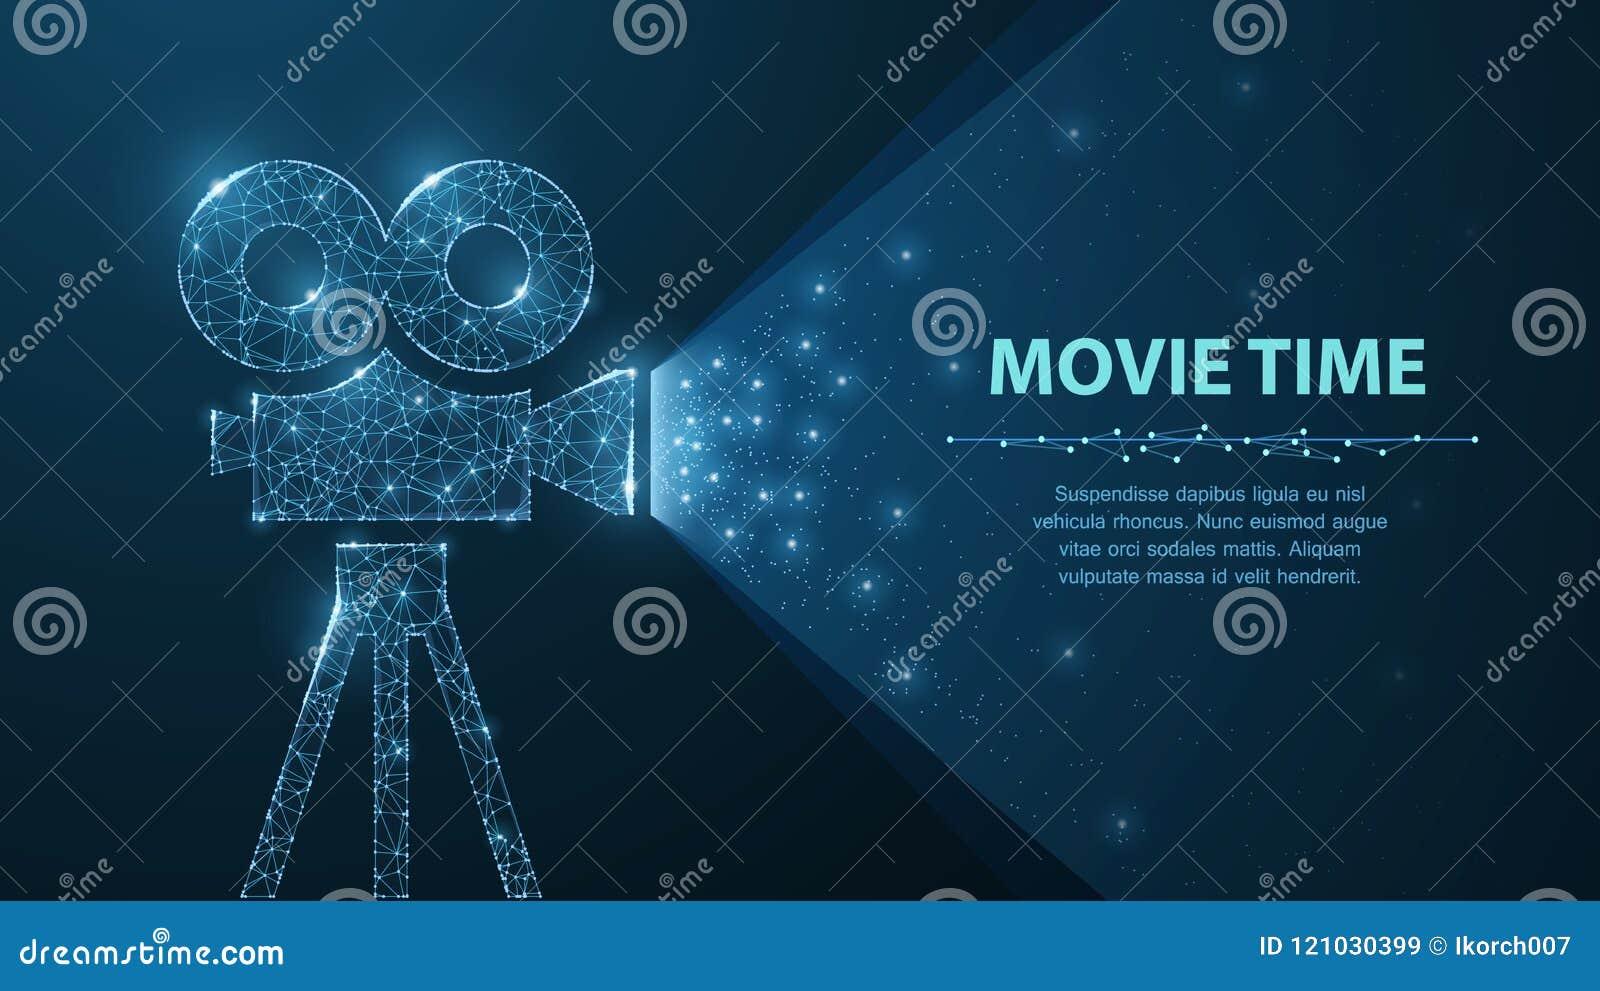 De veelhoekige wireframefilmprojector toont film bij nacht op donkerblauw met sterren in licht hem